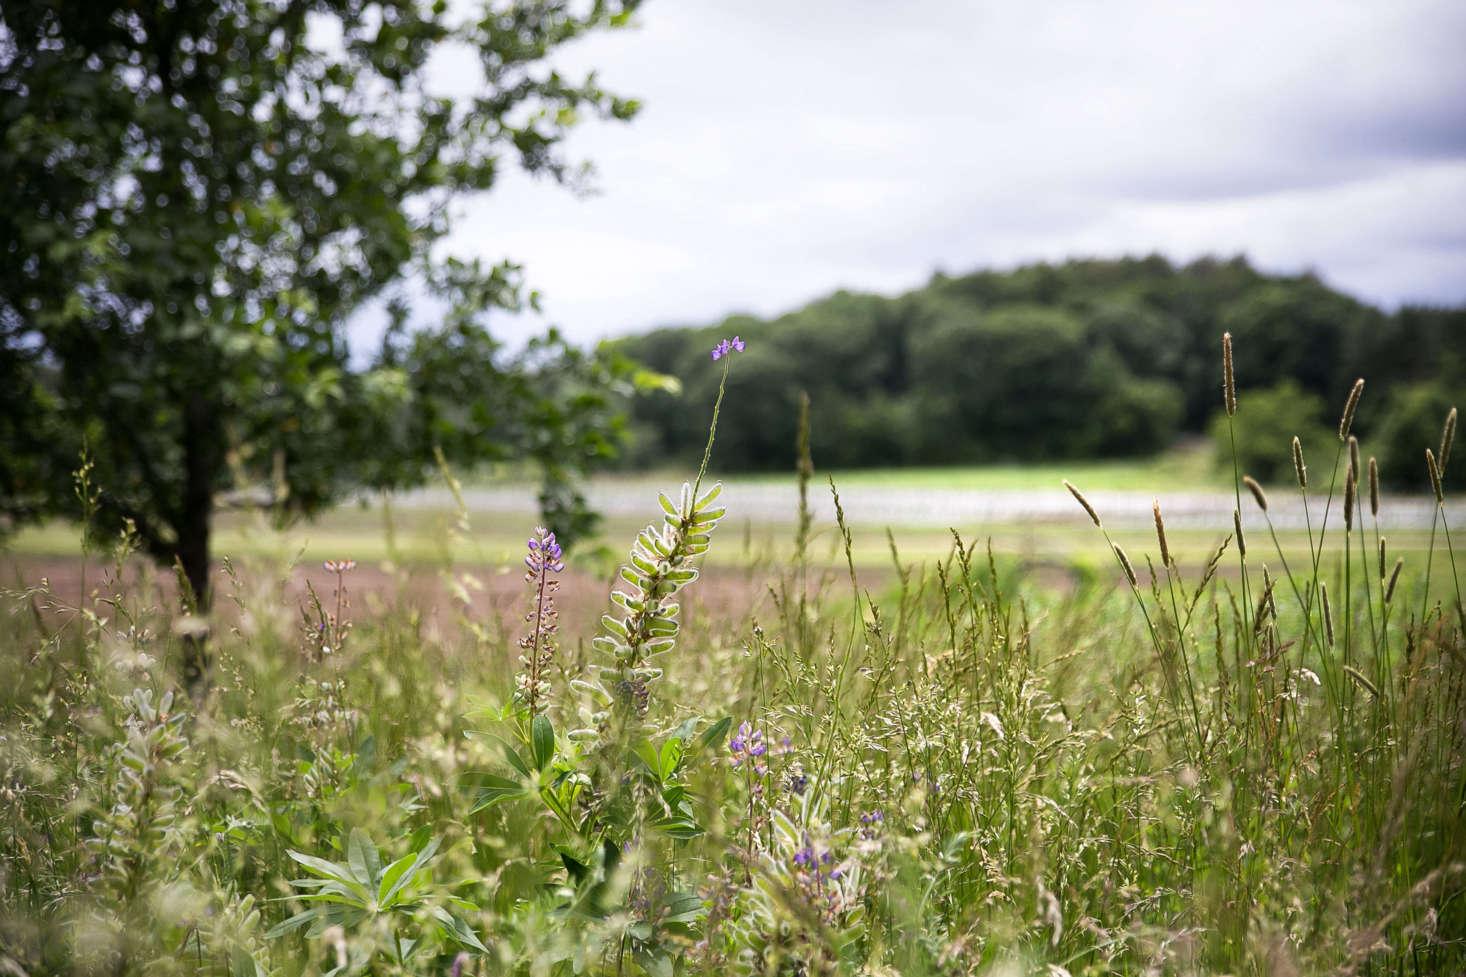 在风中,风中的草地和草地上的草地上有一种不同的景观。